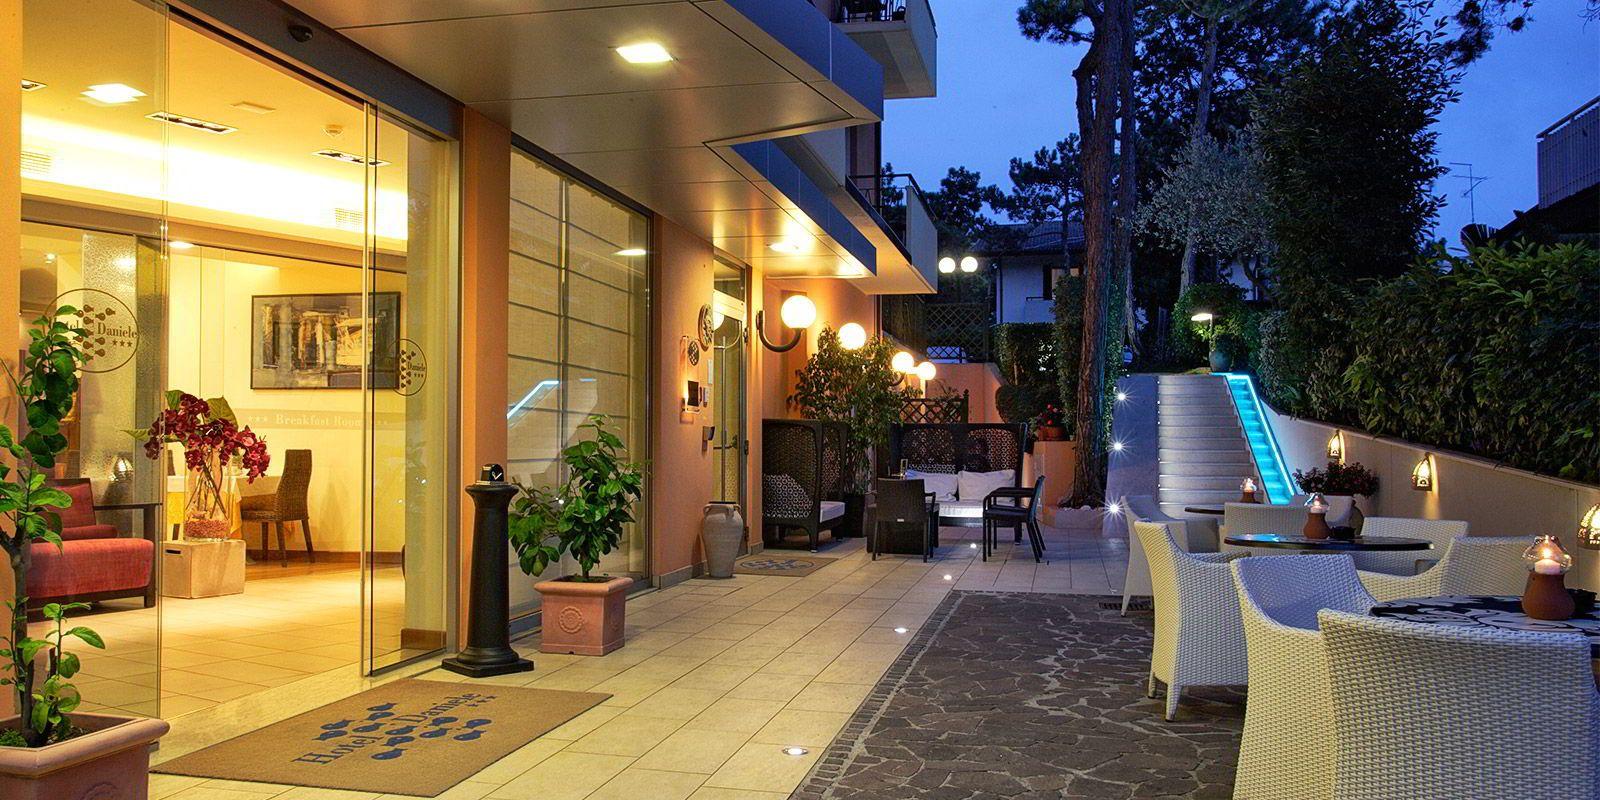 Hotel Lignano 3 Sterne Hotels in Lignano Sabbiadoro